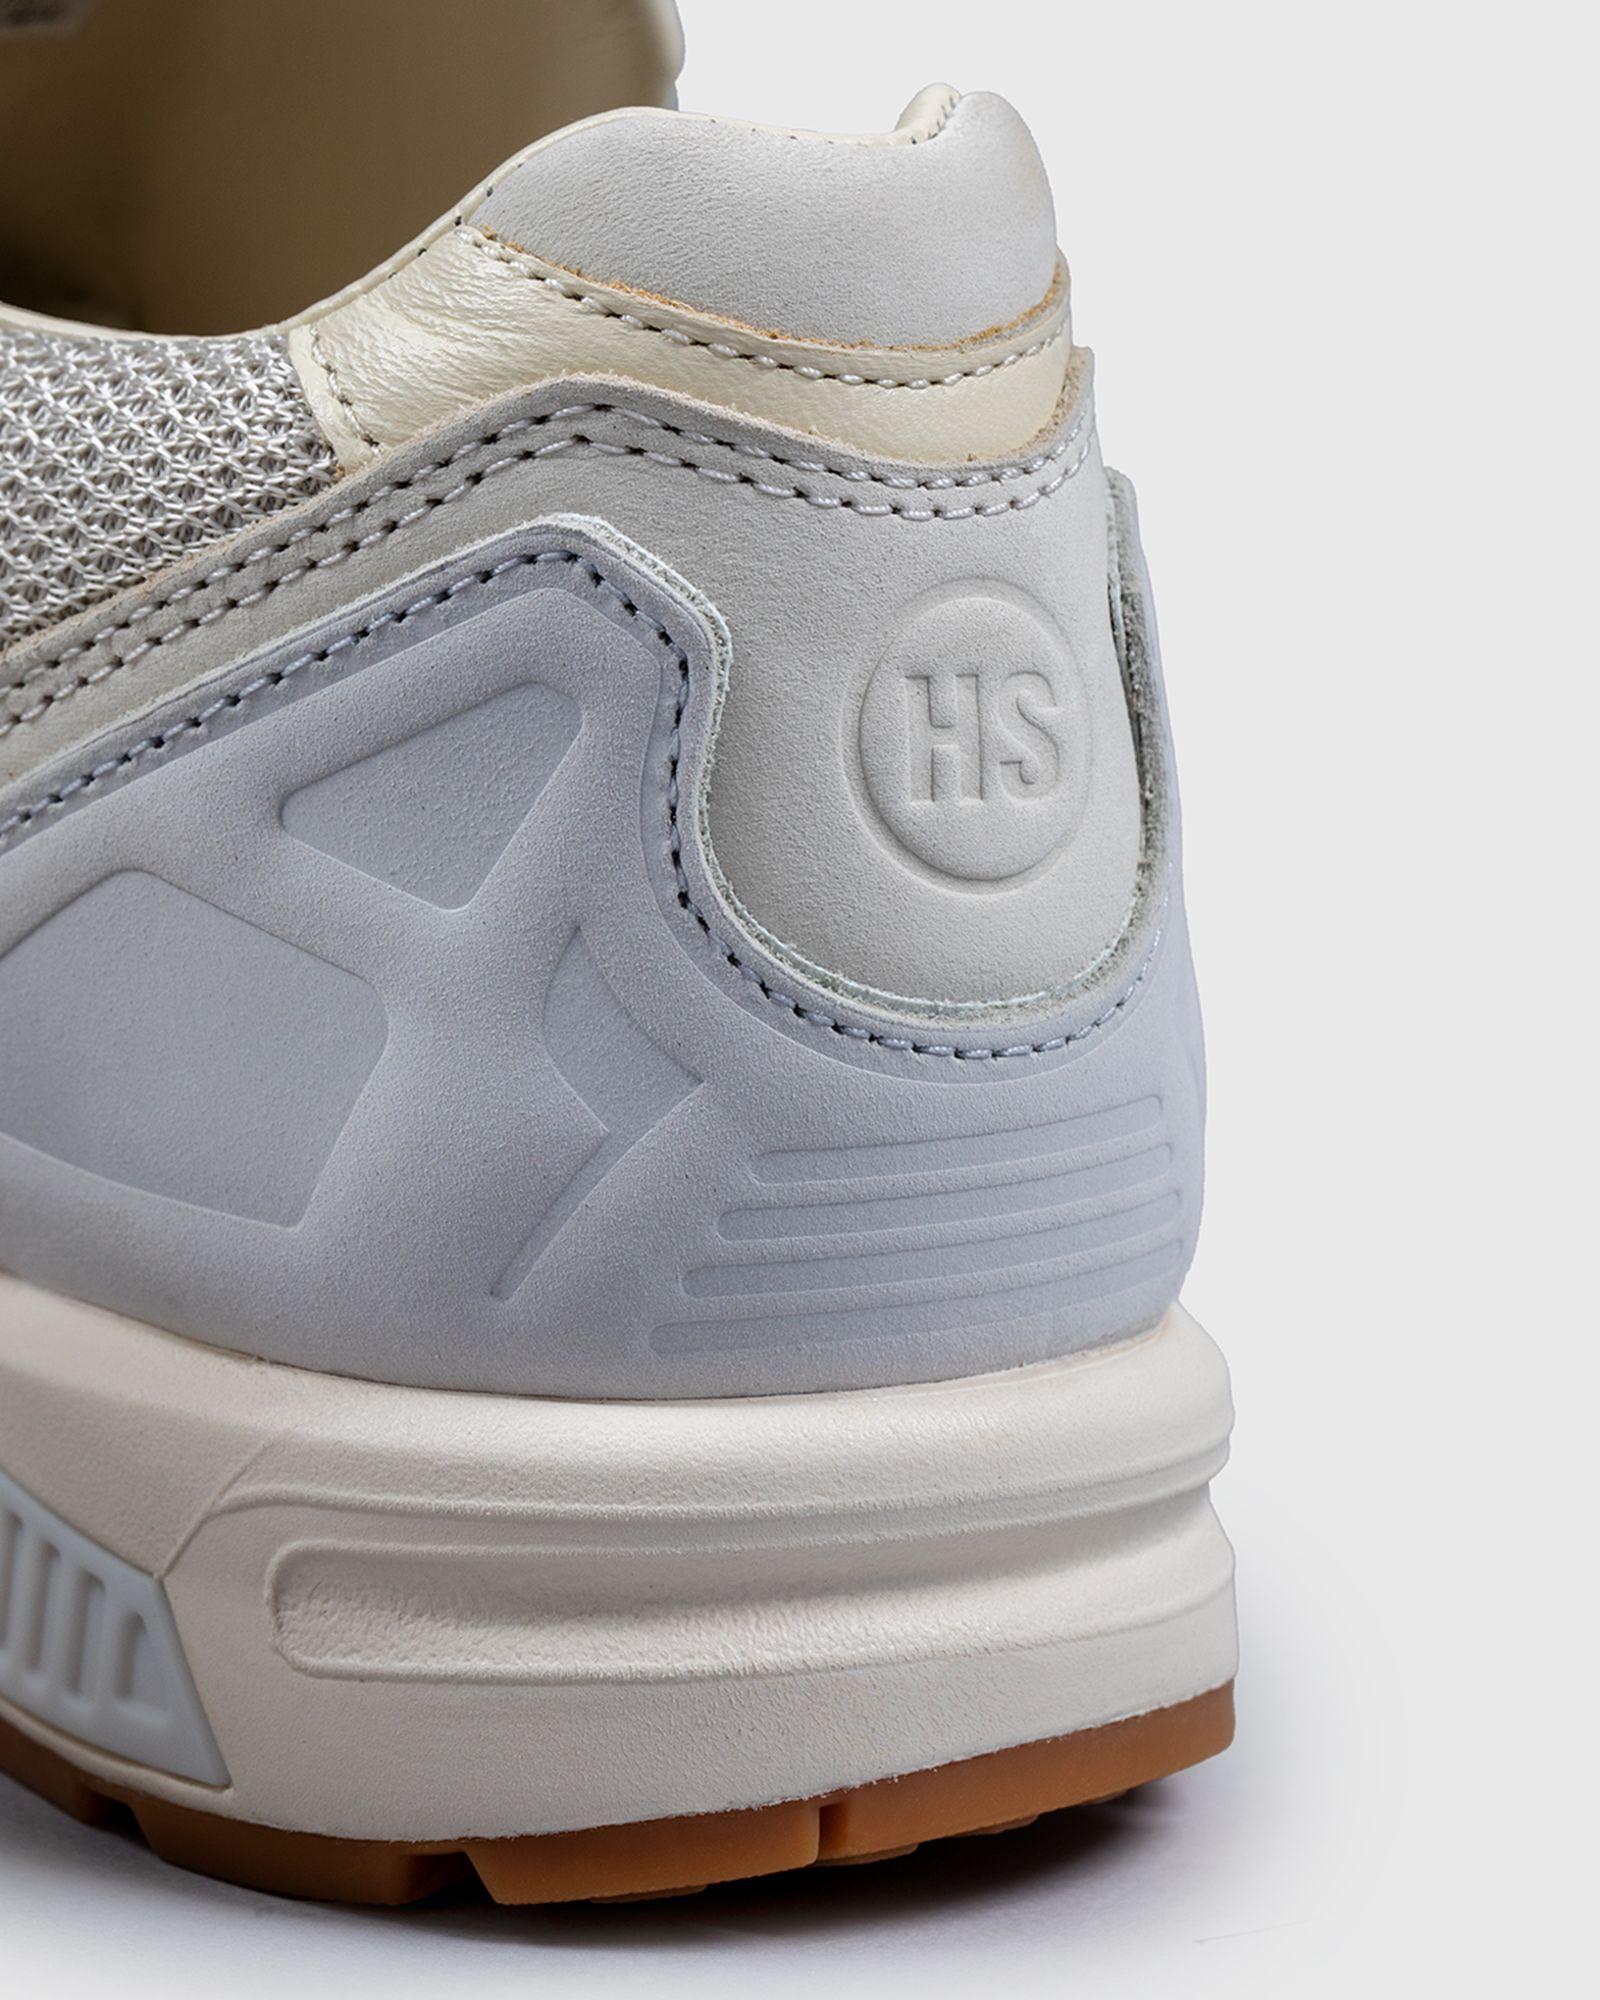 highsnobiety-adidas-originals-zx-8000-release-date-price-03